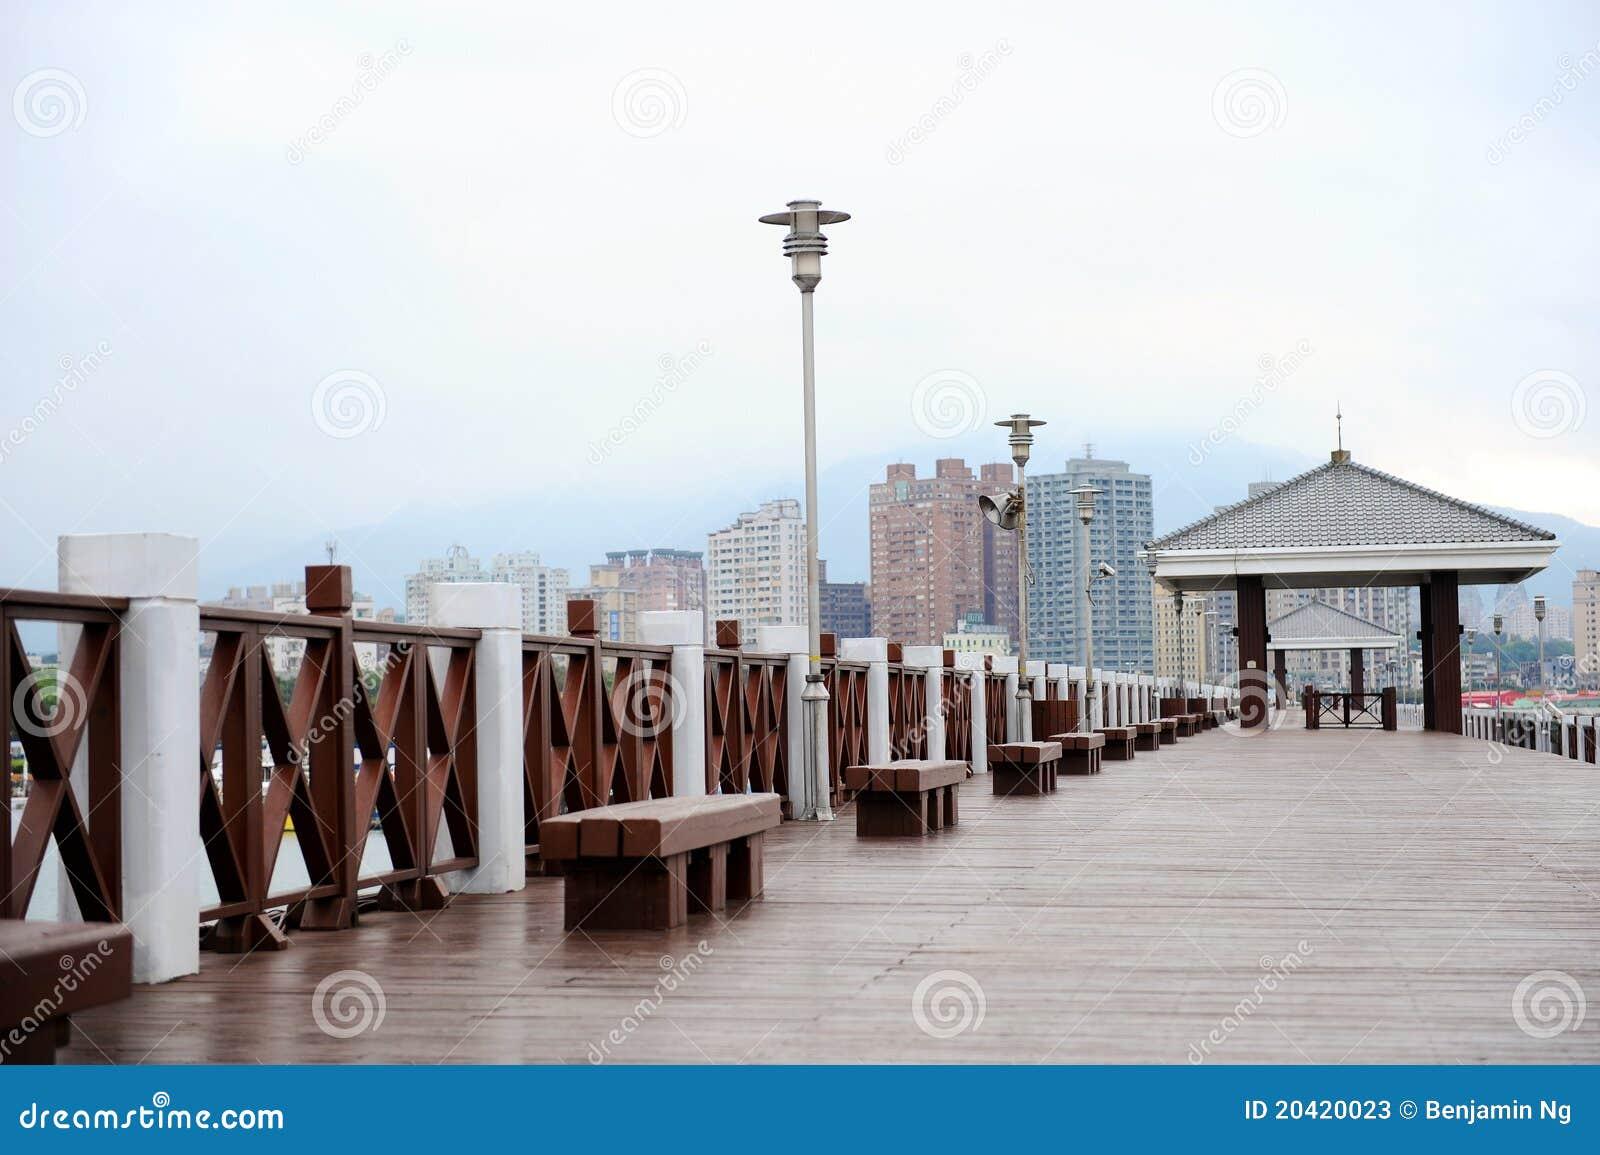 背景木木板走道的摩天大楼